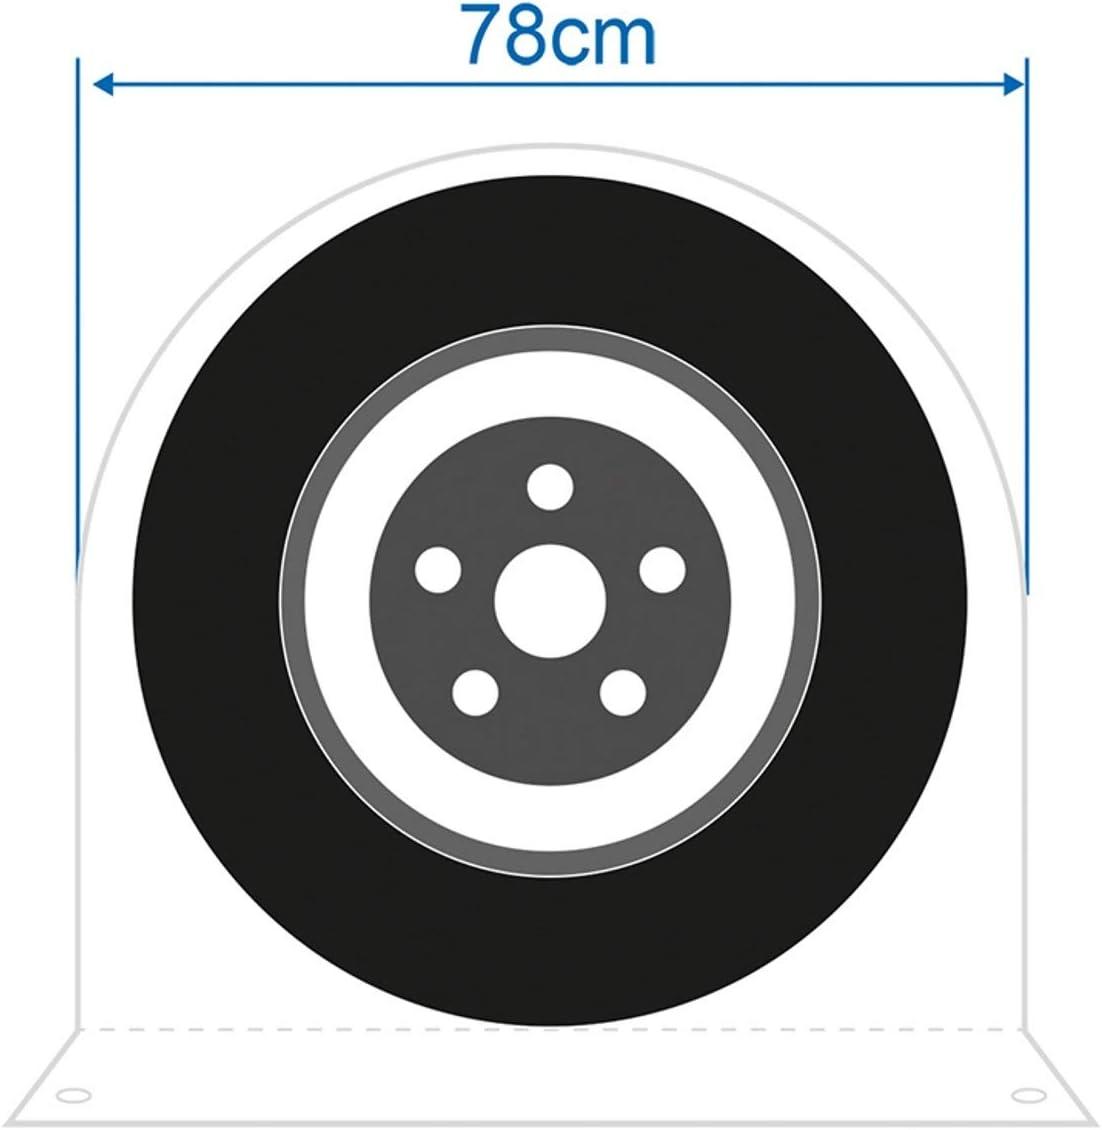 Xl Radabdeckung Reifenabdeckung Radschutzhülle Wohnwagen Wohnmobil Anhänger Auto